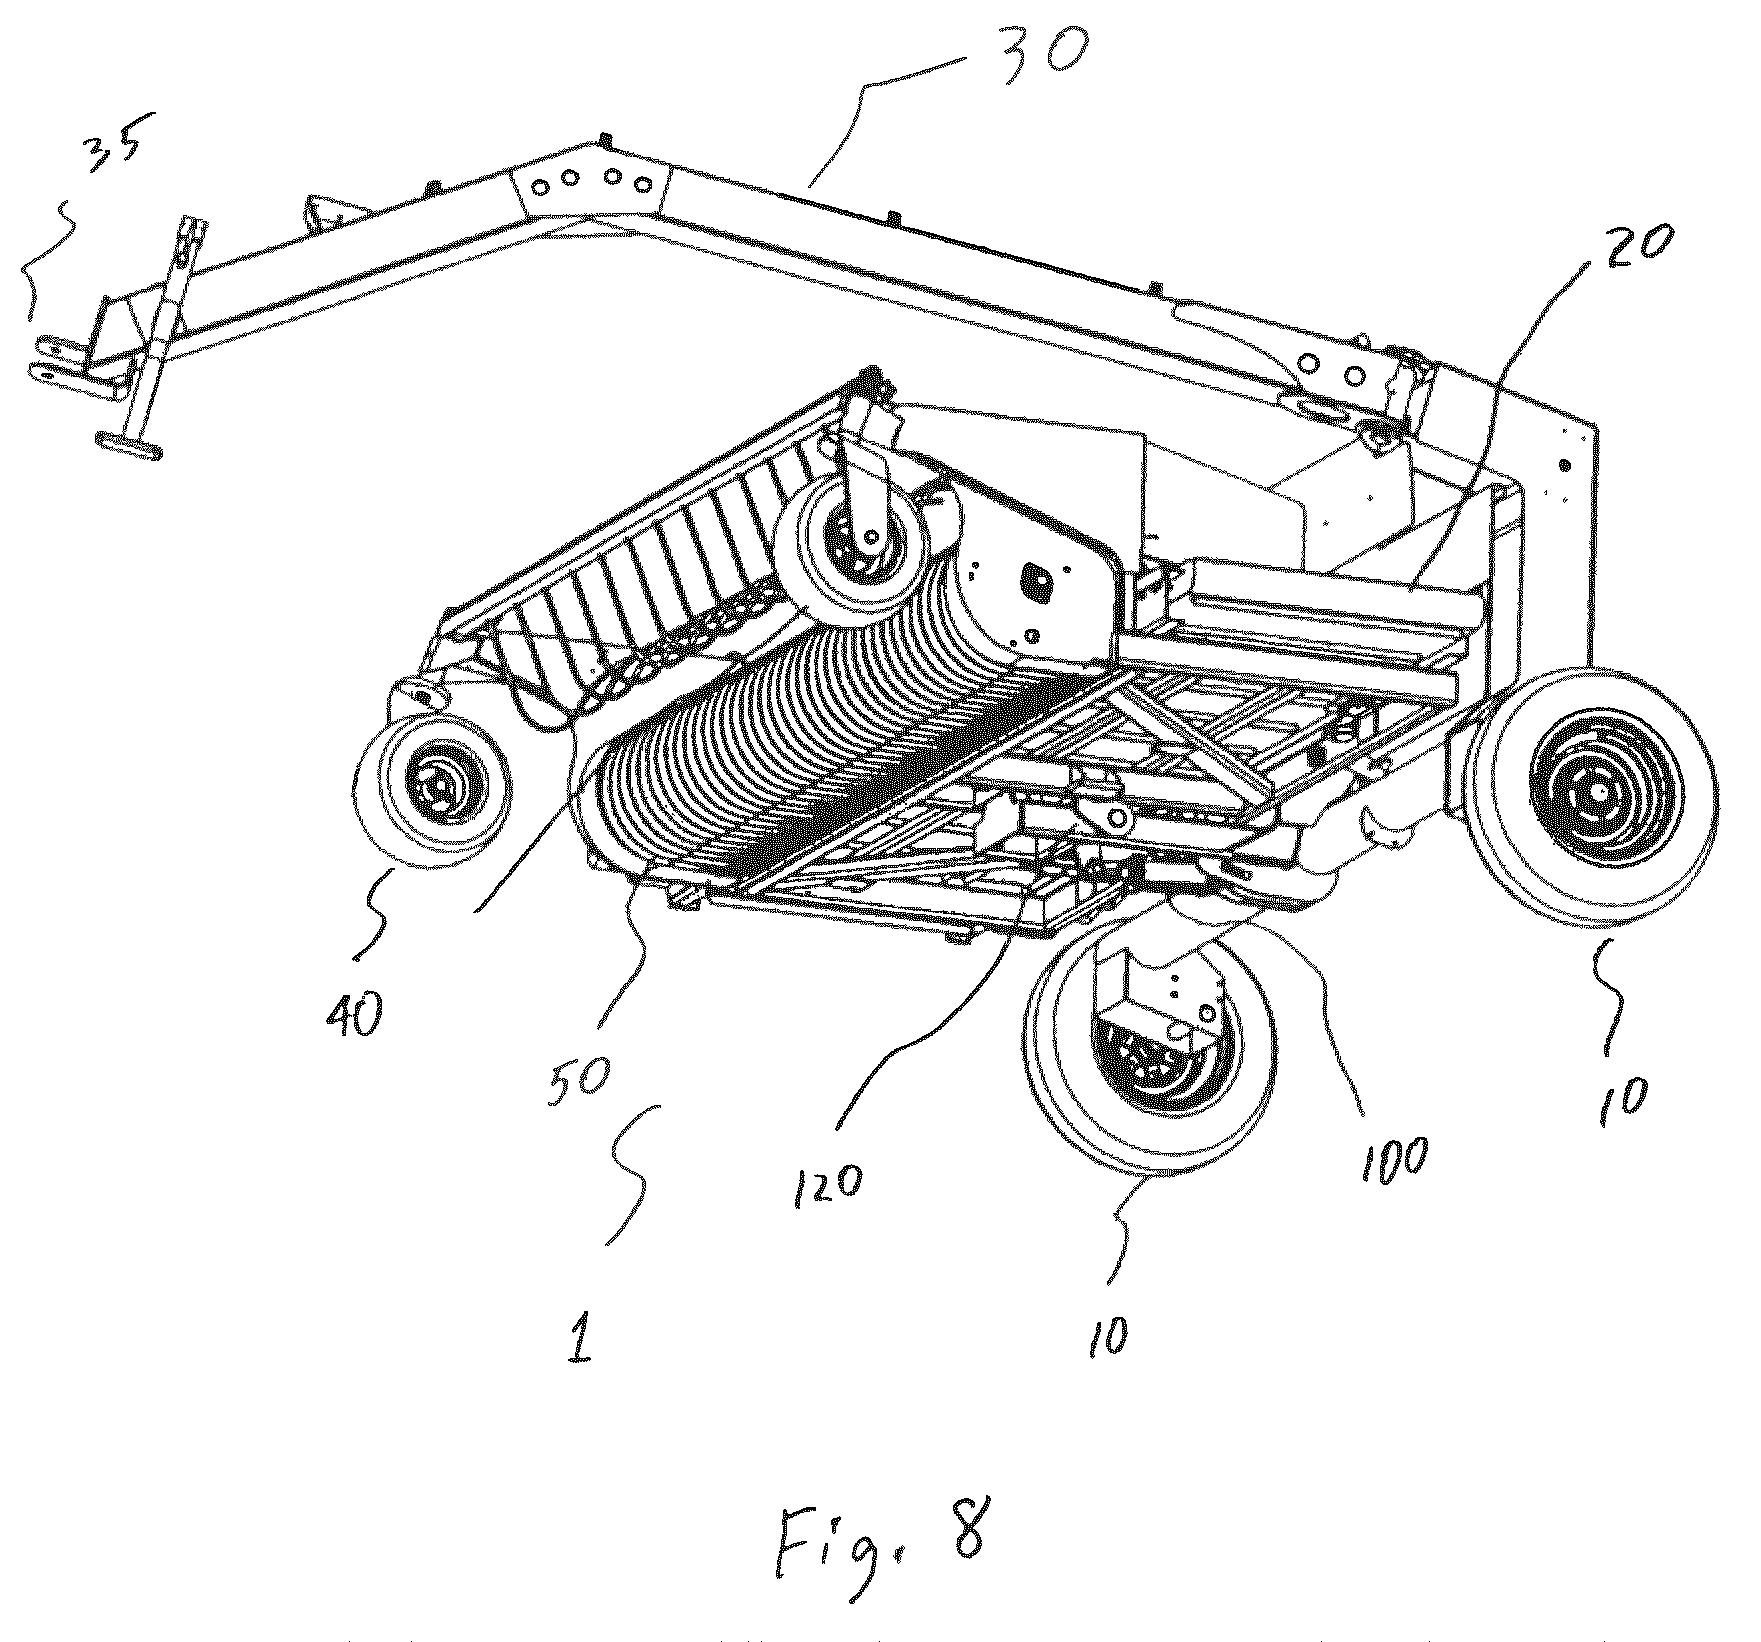 B5fa7 Lexus Gs400 Fuse Diagram